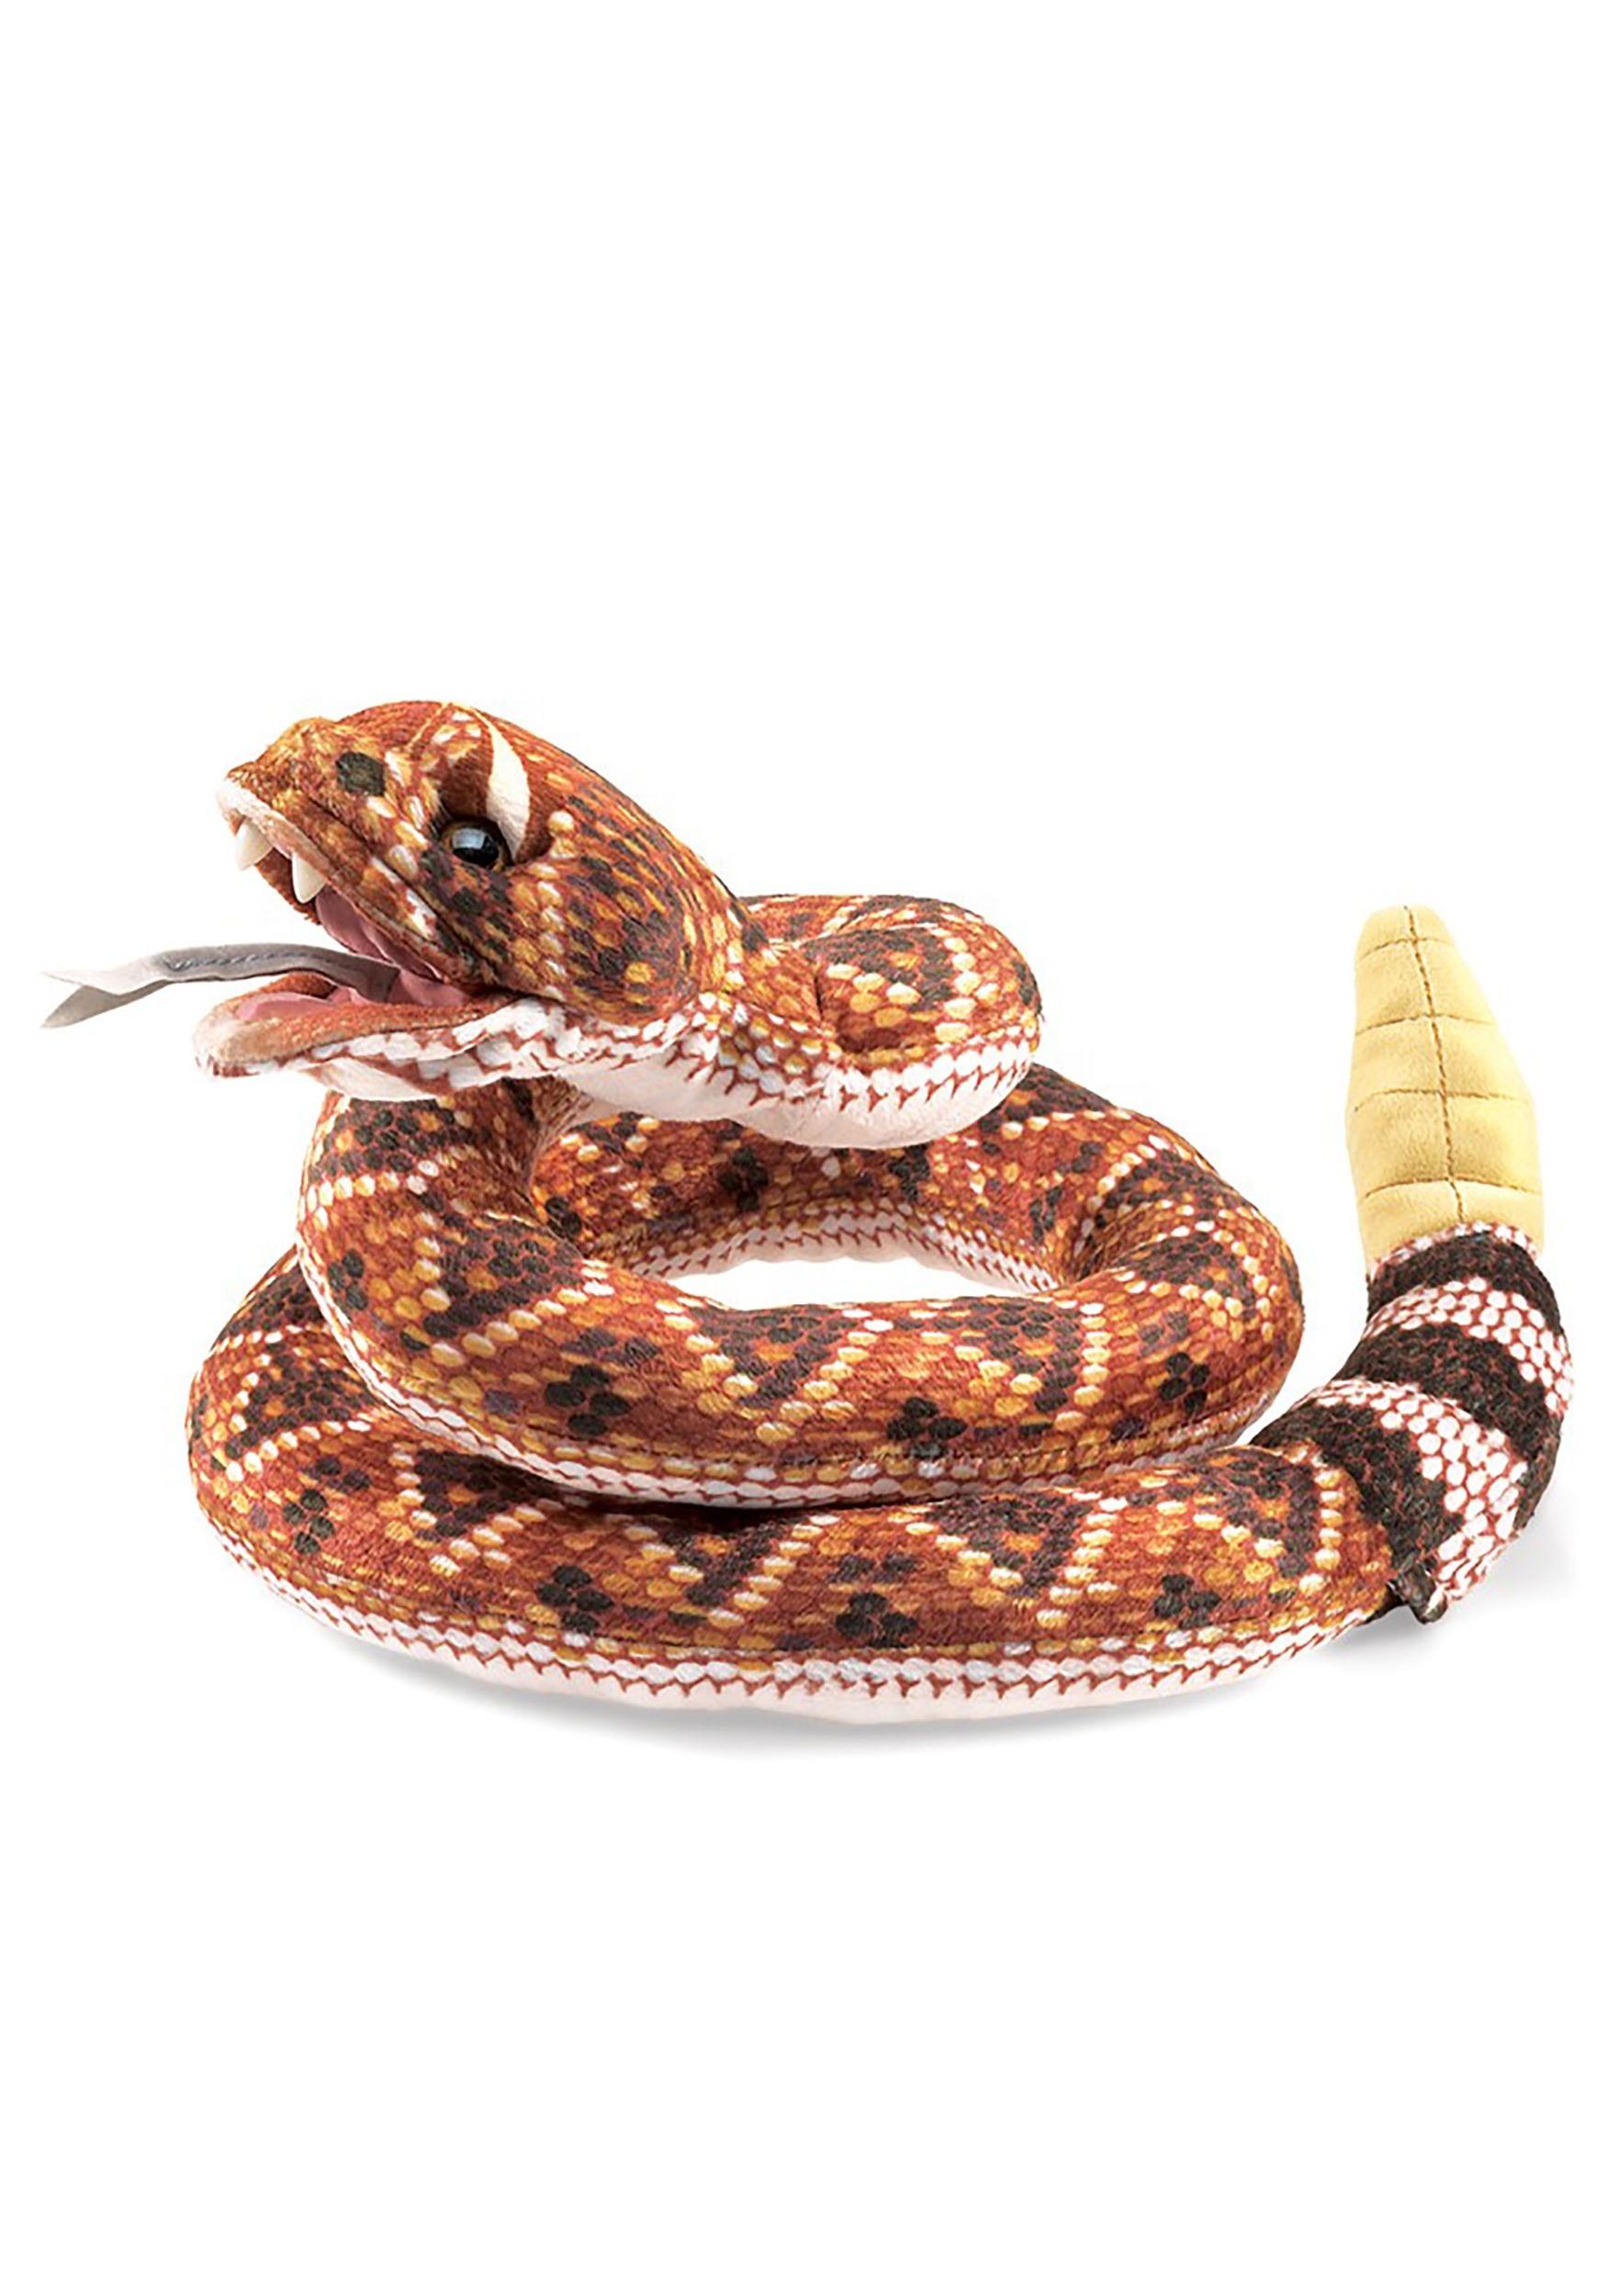 Folkmanis Rattlesnake 9